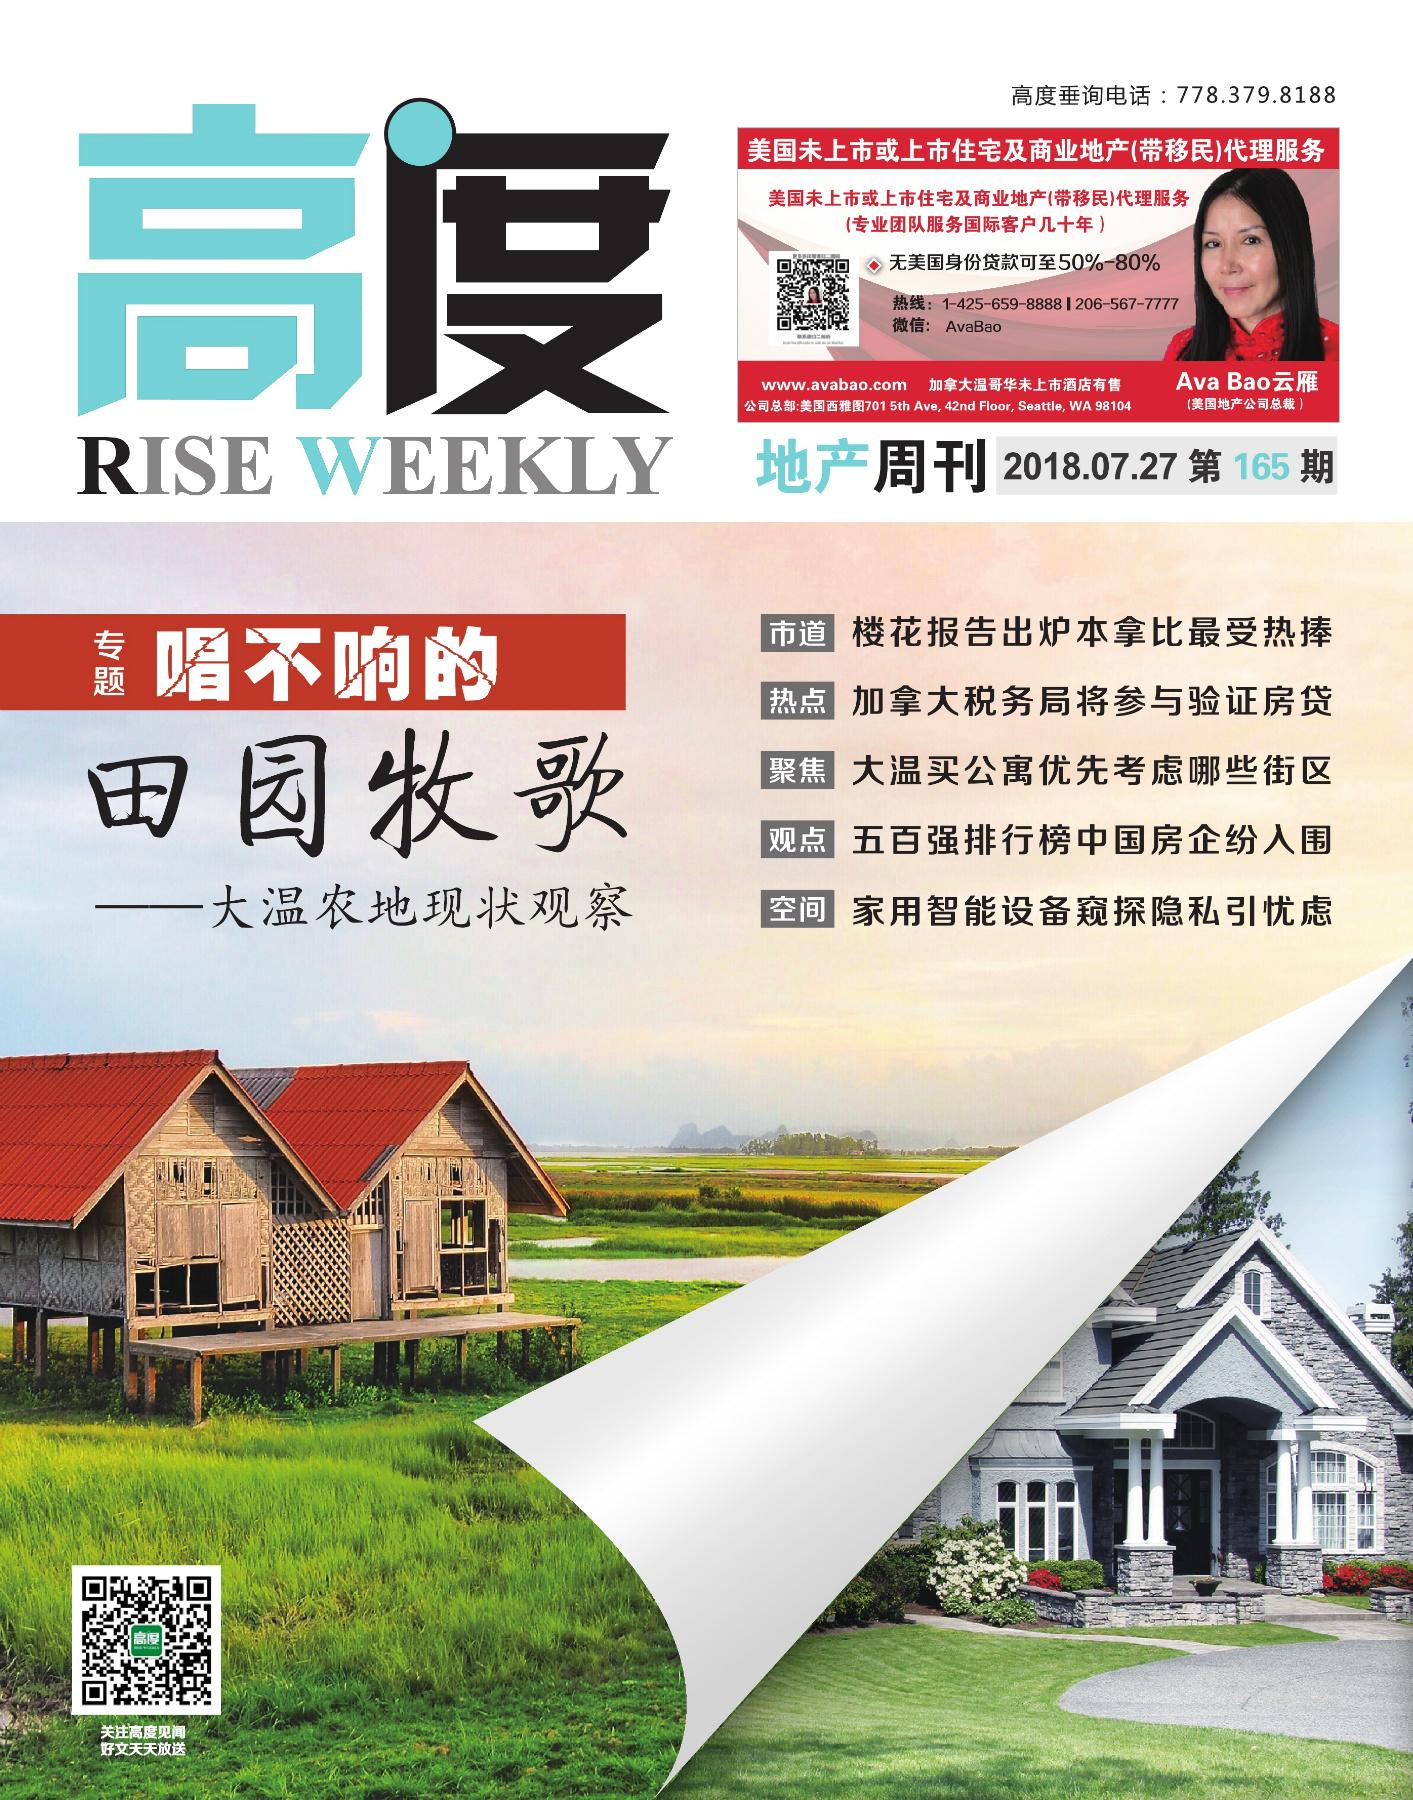 高度地产周刊 2018年07月27日 第165期